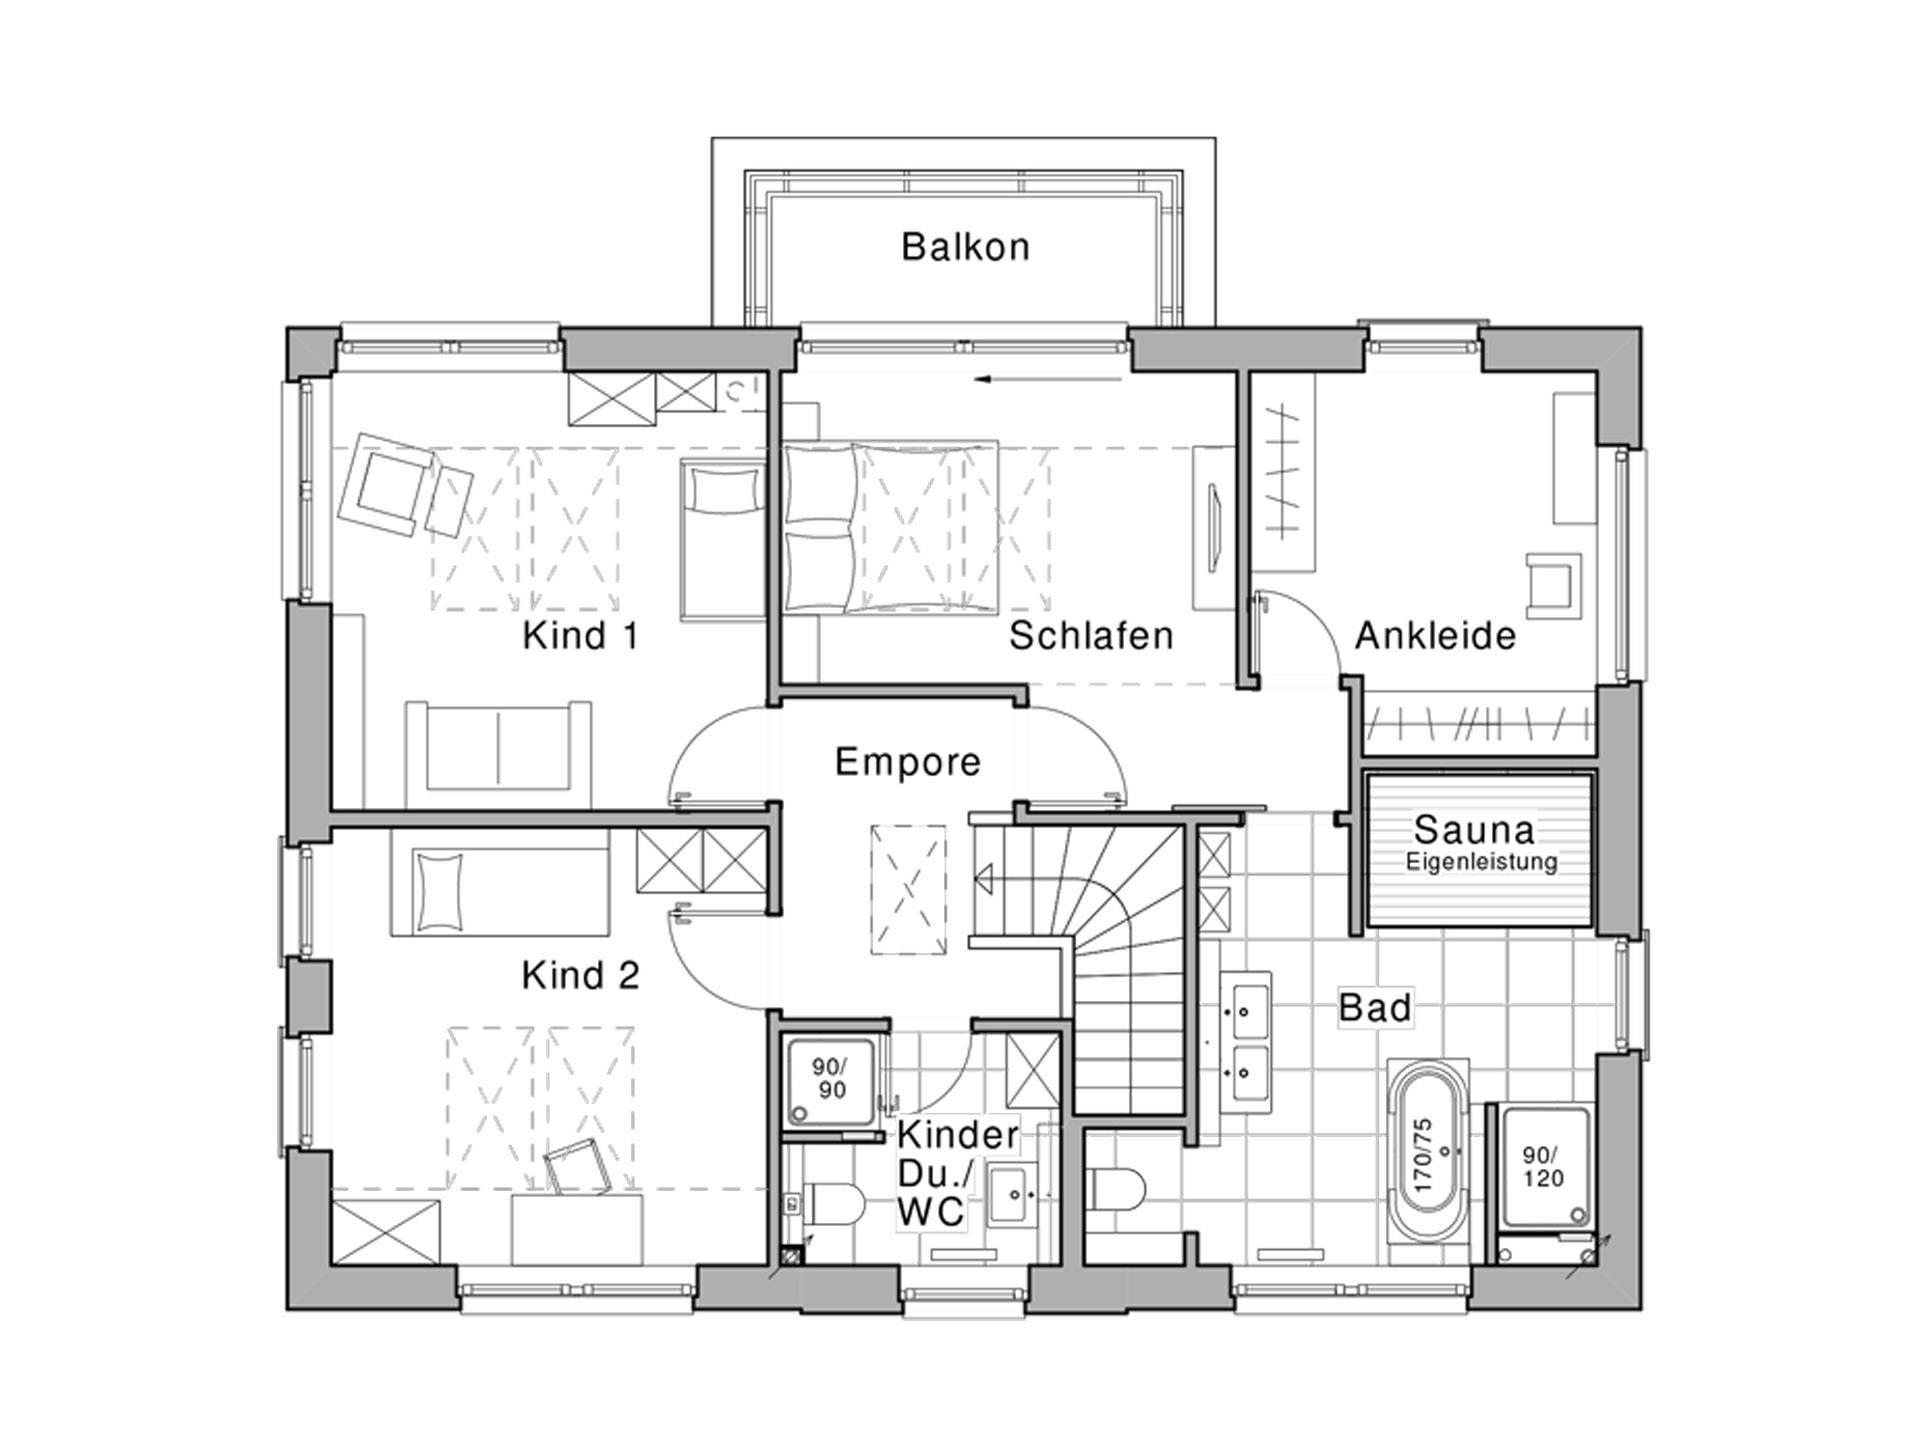 Wohnideen Raumaufteilung edition 425 wohnidee haus grundriss dg viebrockhaus